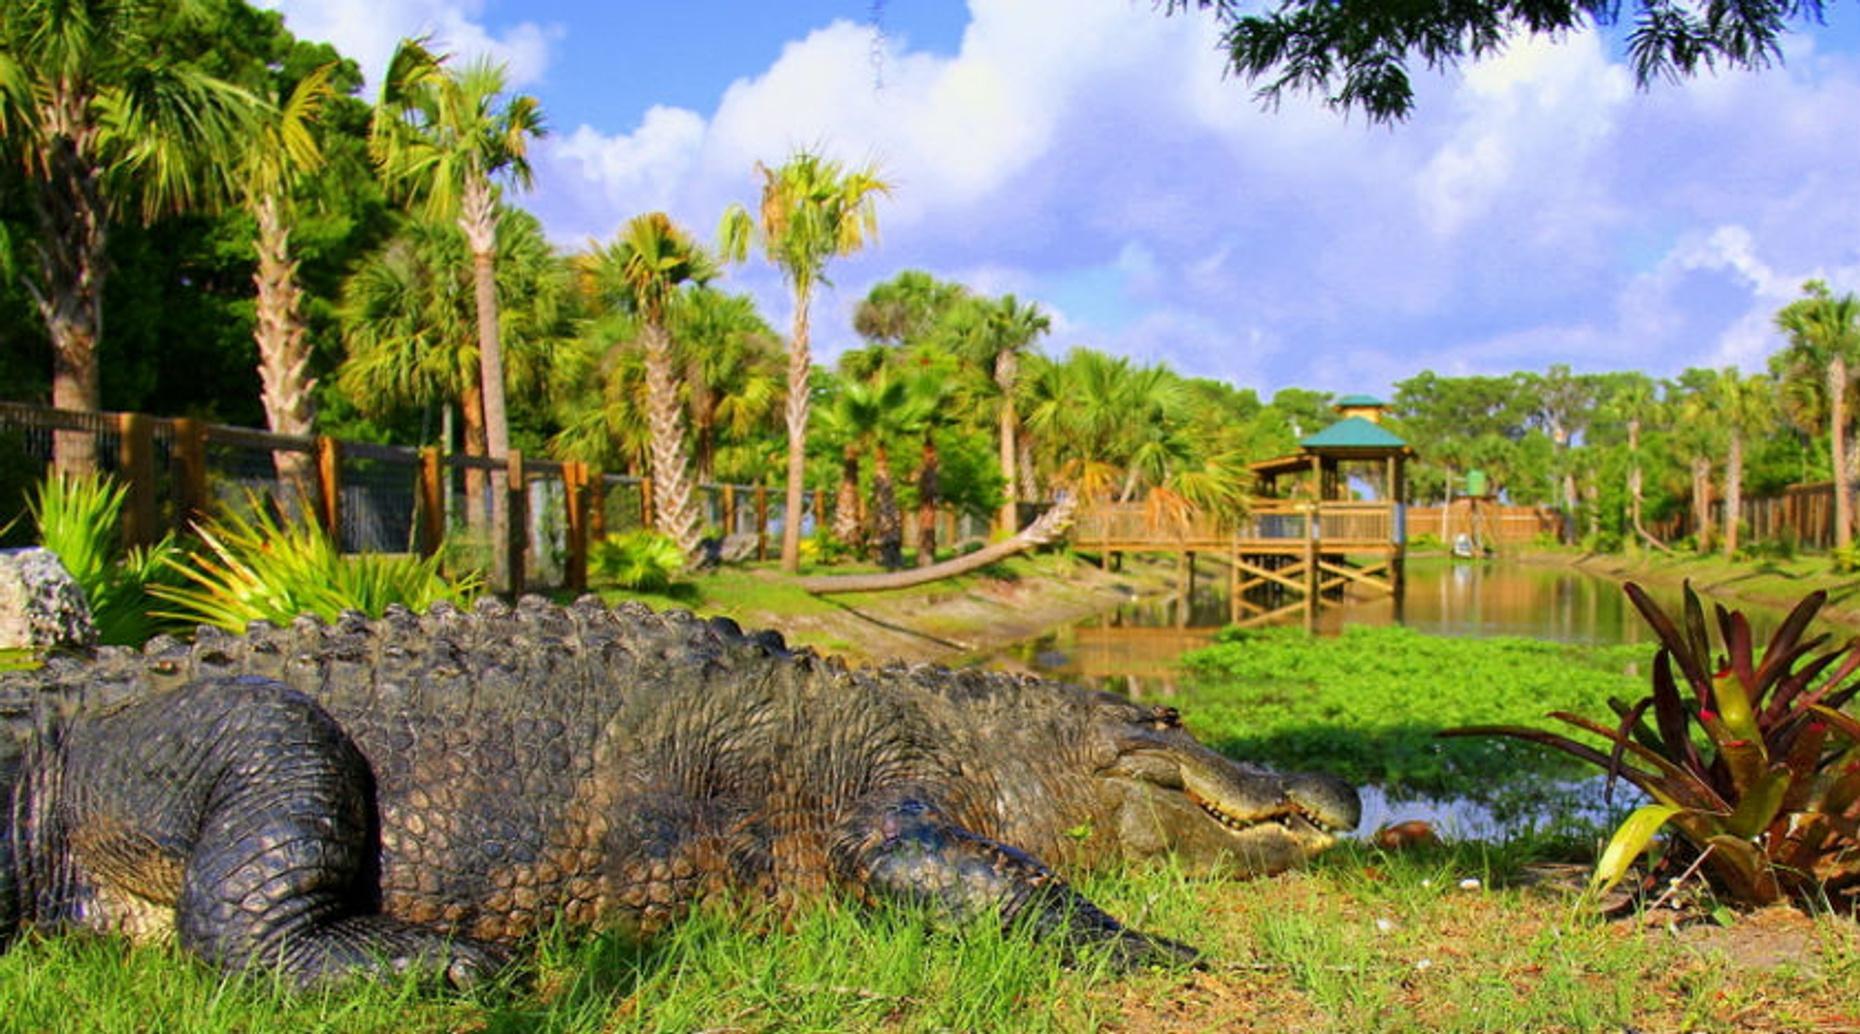 Everglades Wildlife Park Admission